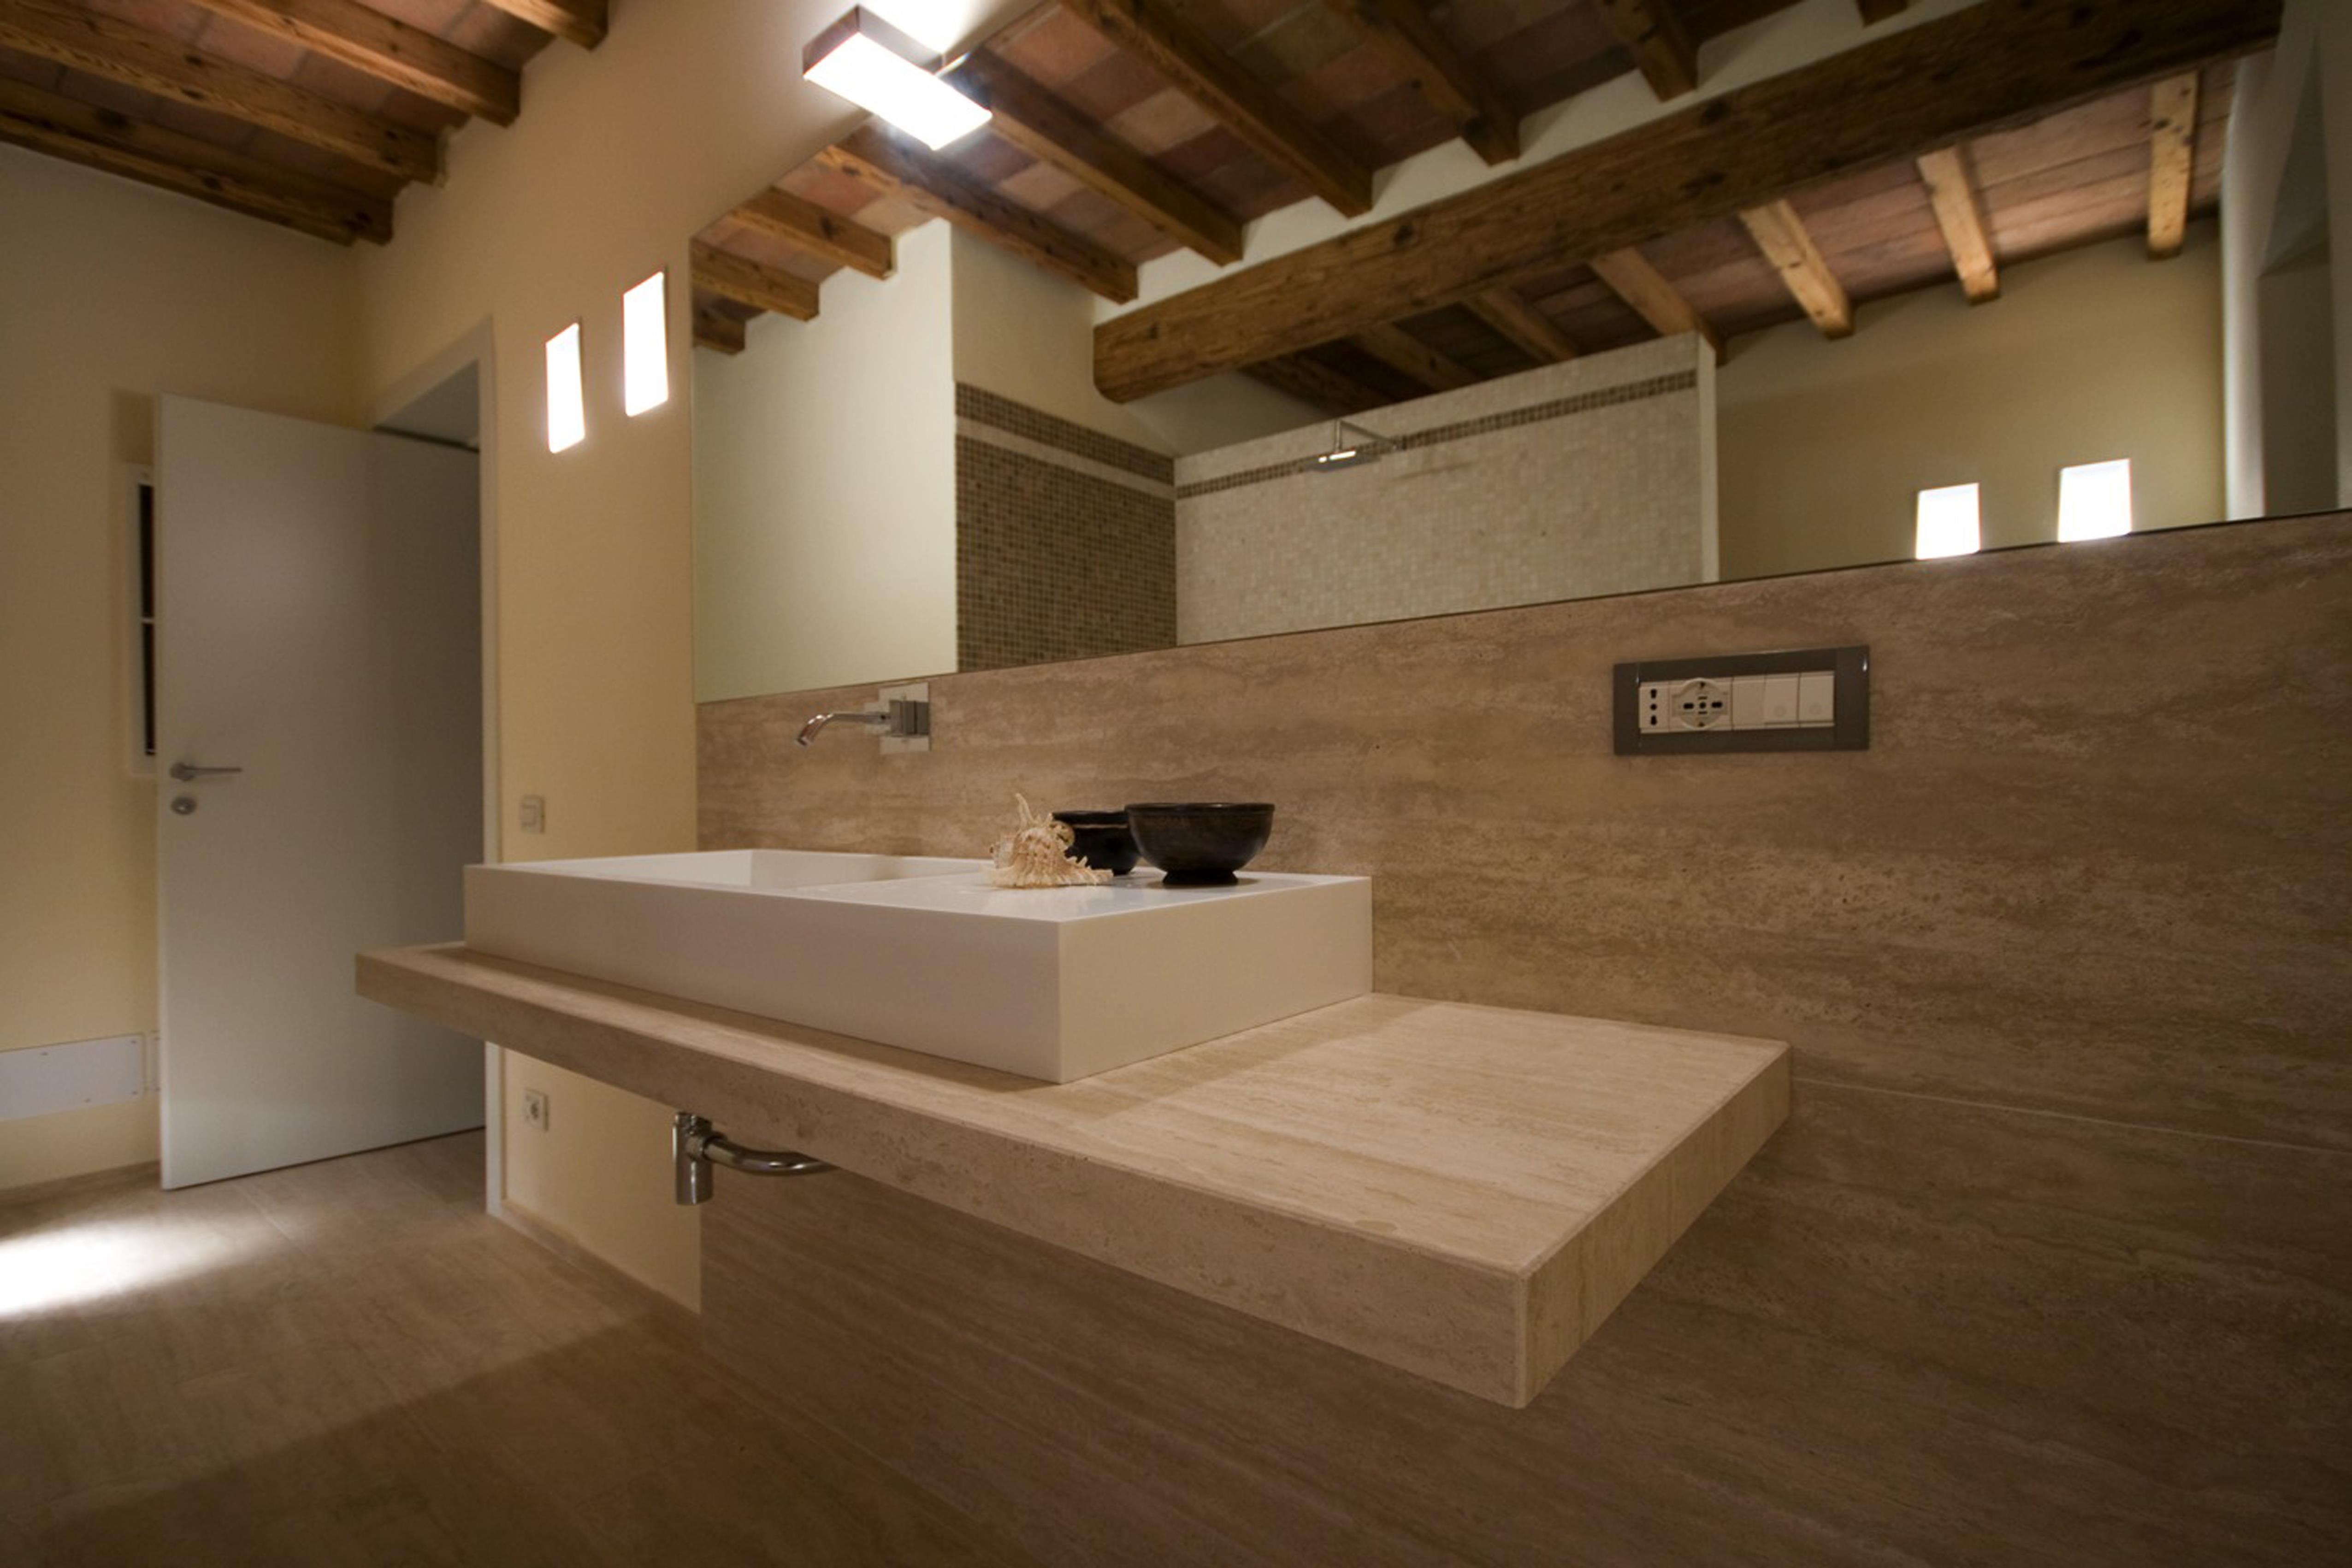 Bagno moderno grigio cheap bagno moderno spa arredi per - Bagno moderno grigio ...